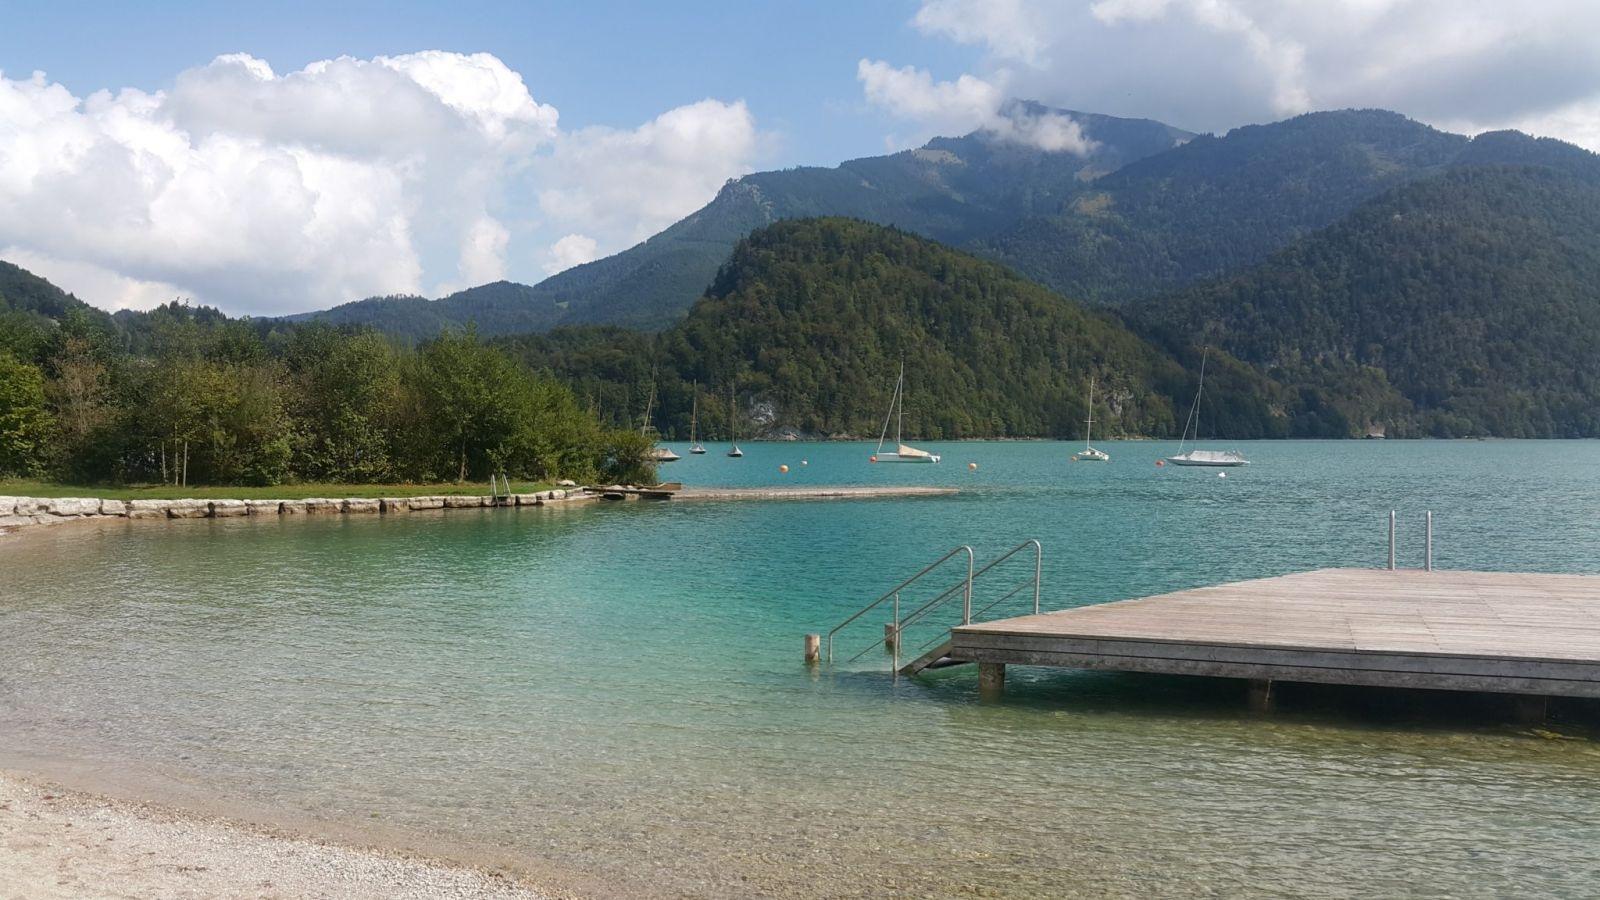 Horský výlet k alpským jezerům aneb koupání v čisté vodě bez davů